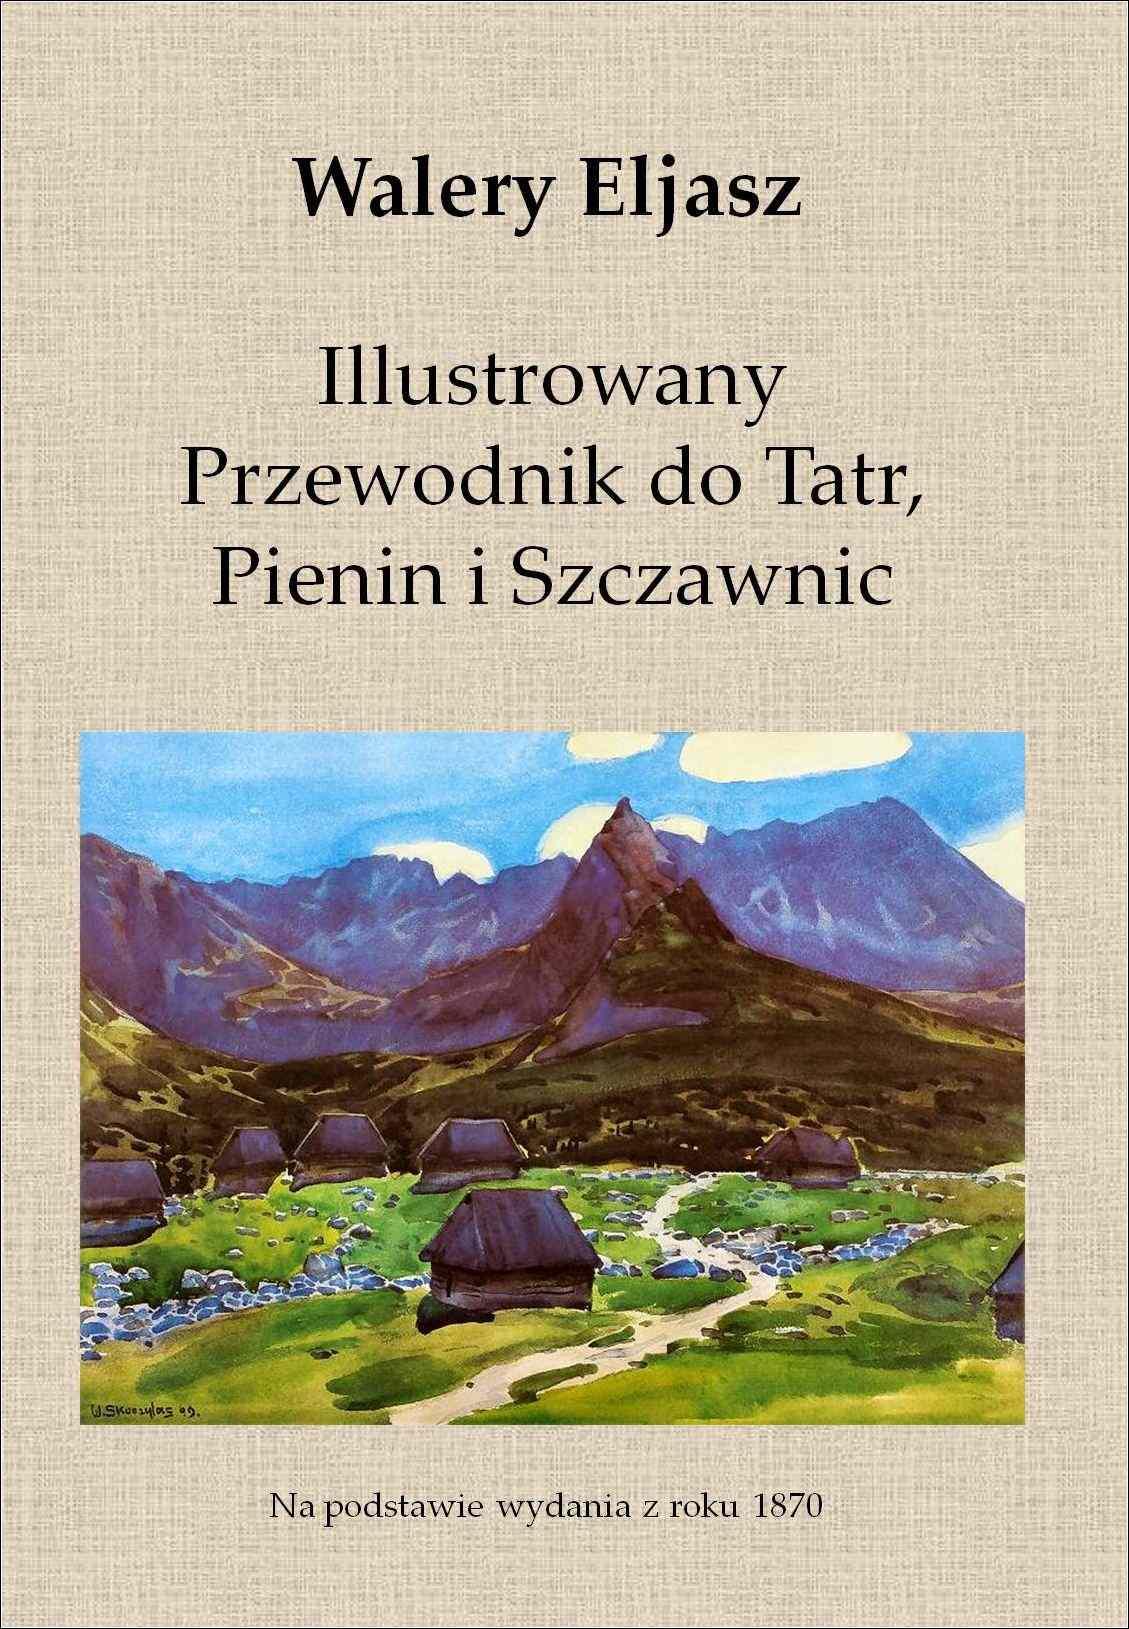 Illustrowany Przewodnik do Tatr, Pienin i Szczawnic - Ebook (Książka na Kindle) do pobrania w formacie MOBI